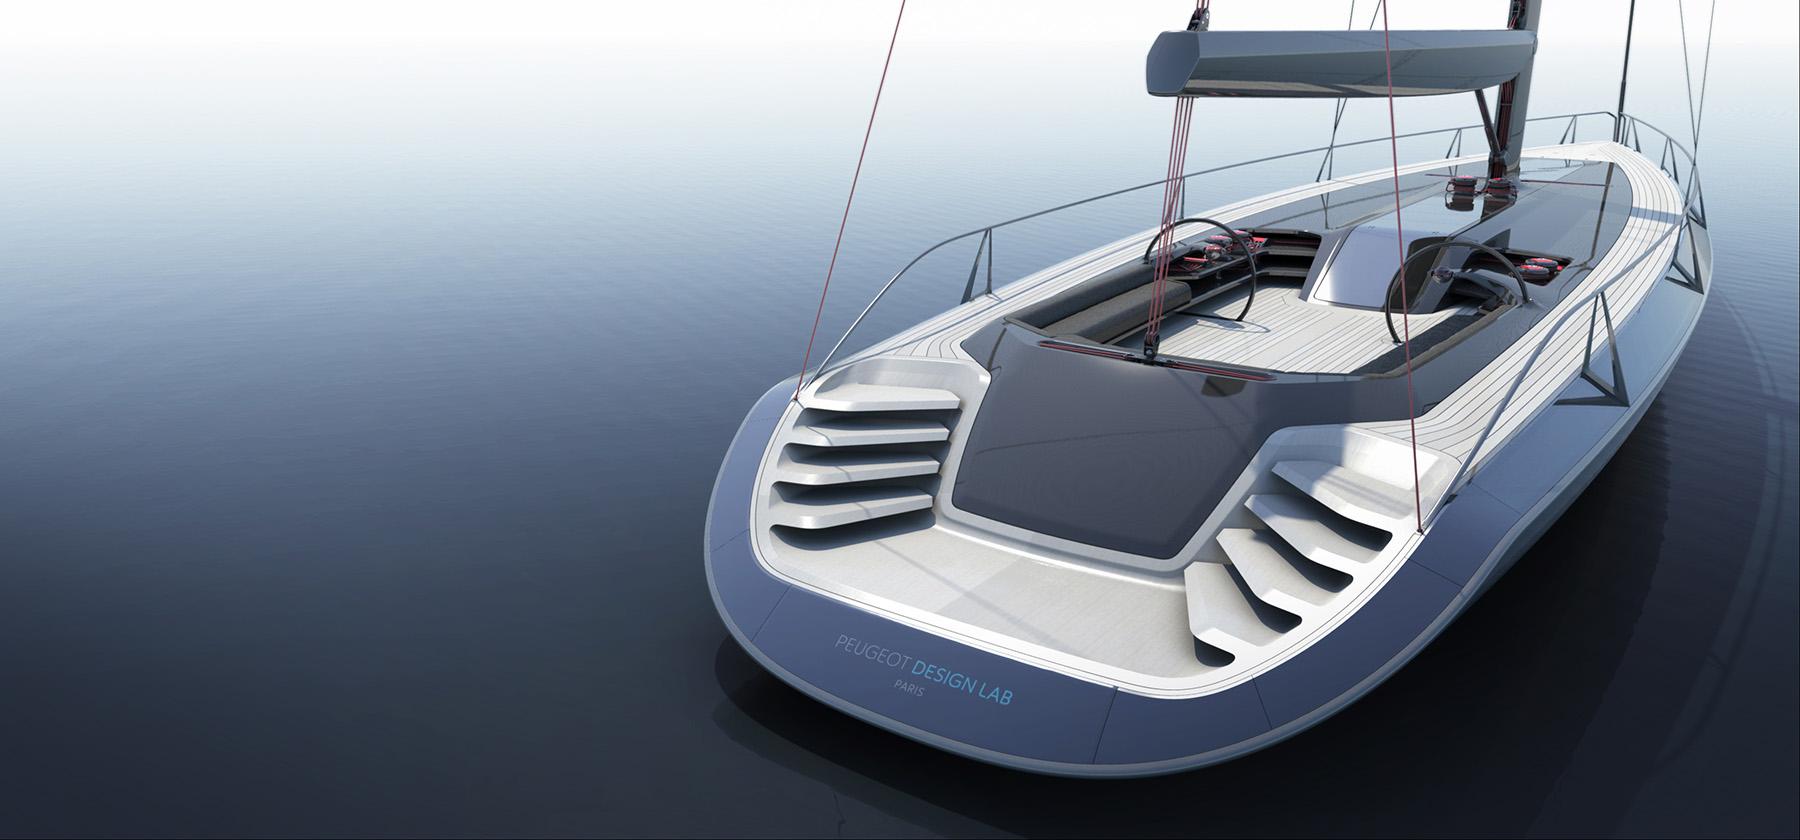 Peugeot Design_Lab_Concept_Yacht